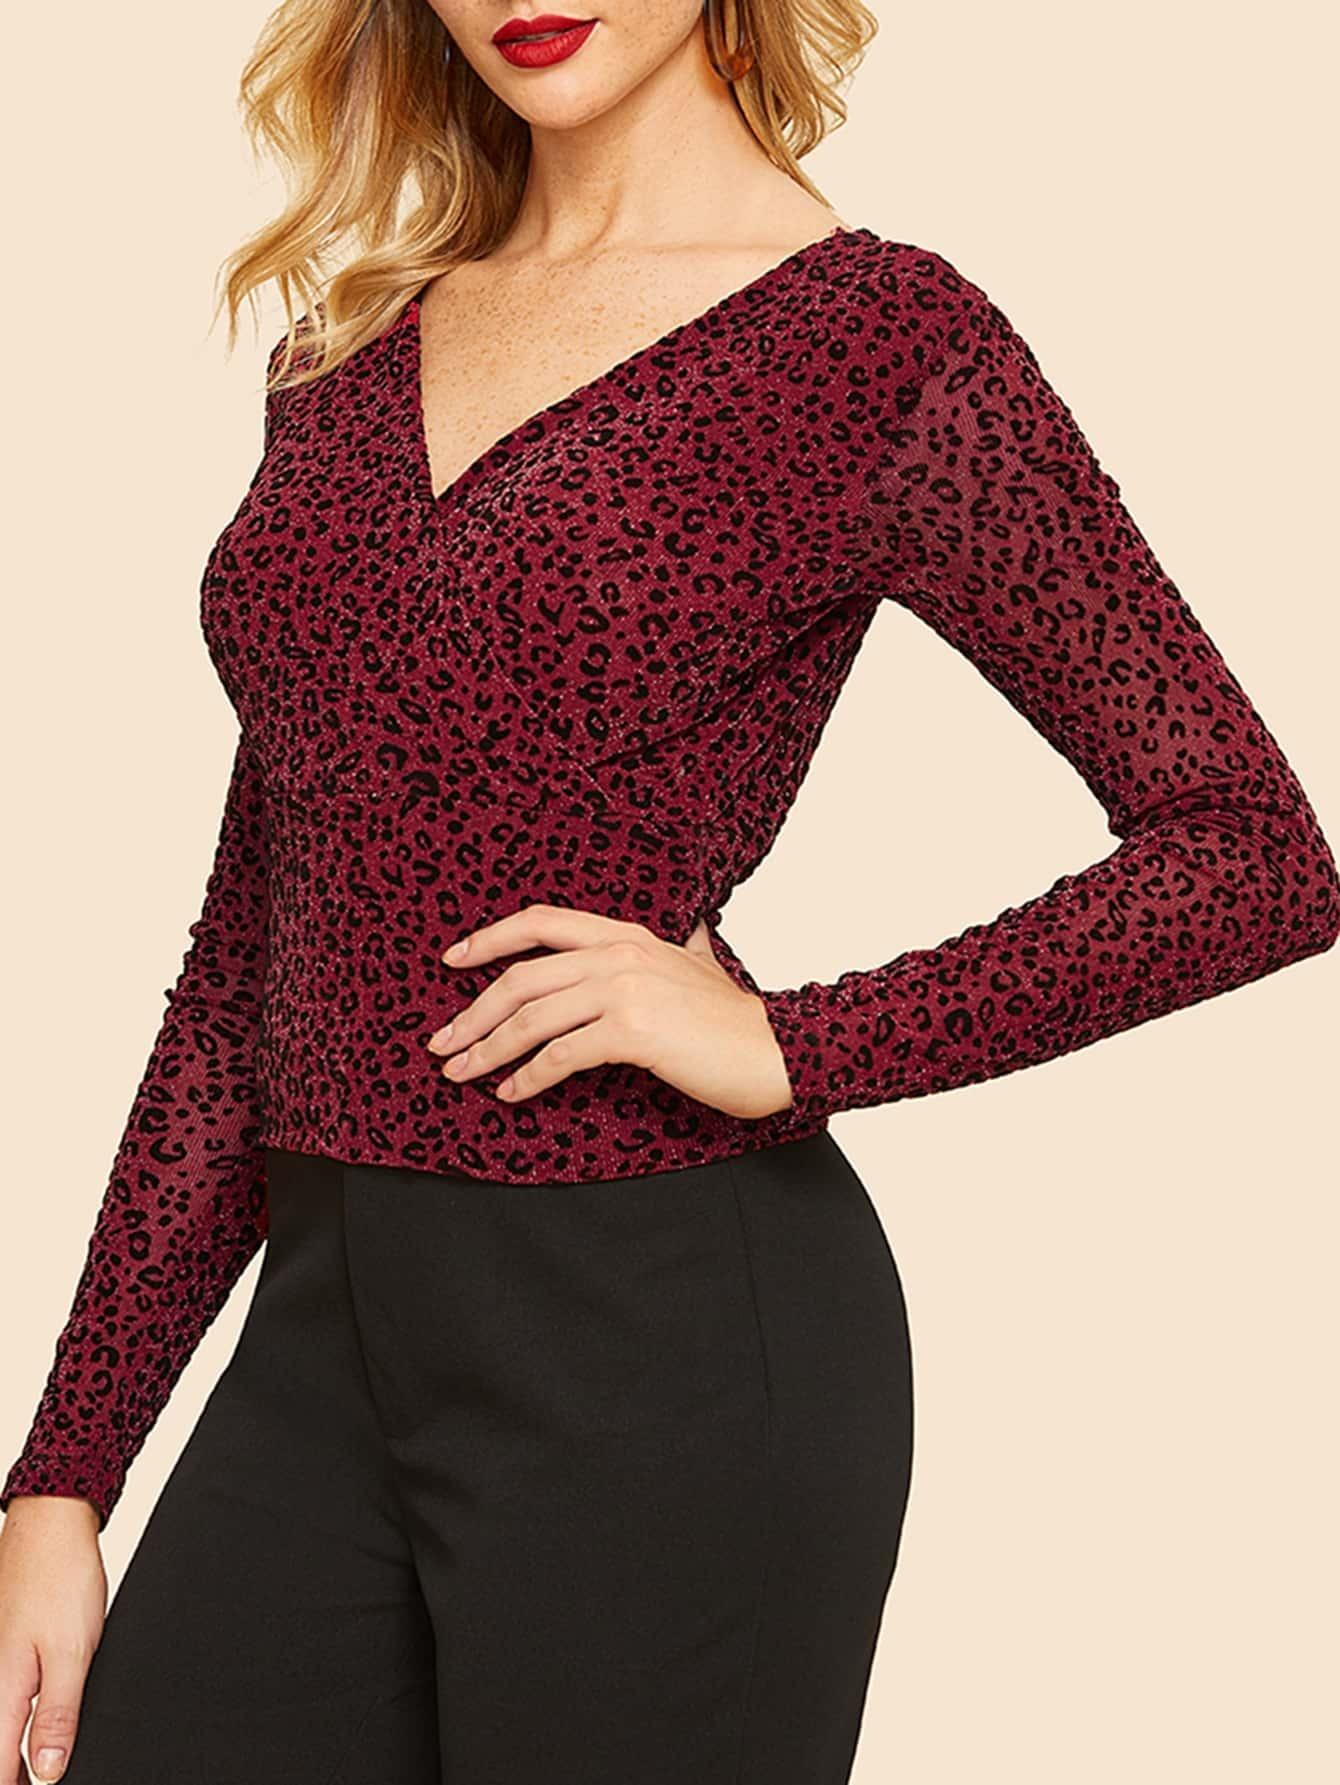 Купить Леопардовая футболка с V-образным вырезом, Nathane, SheIn